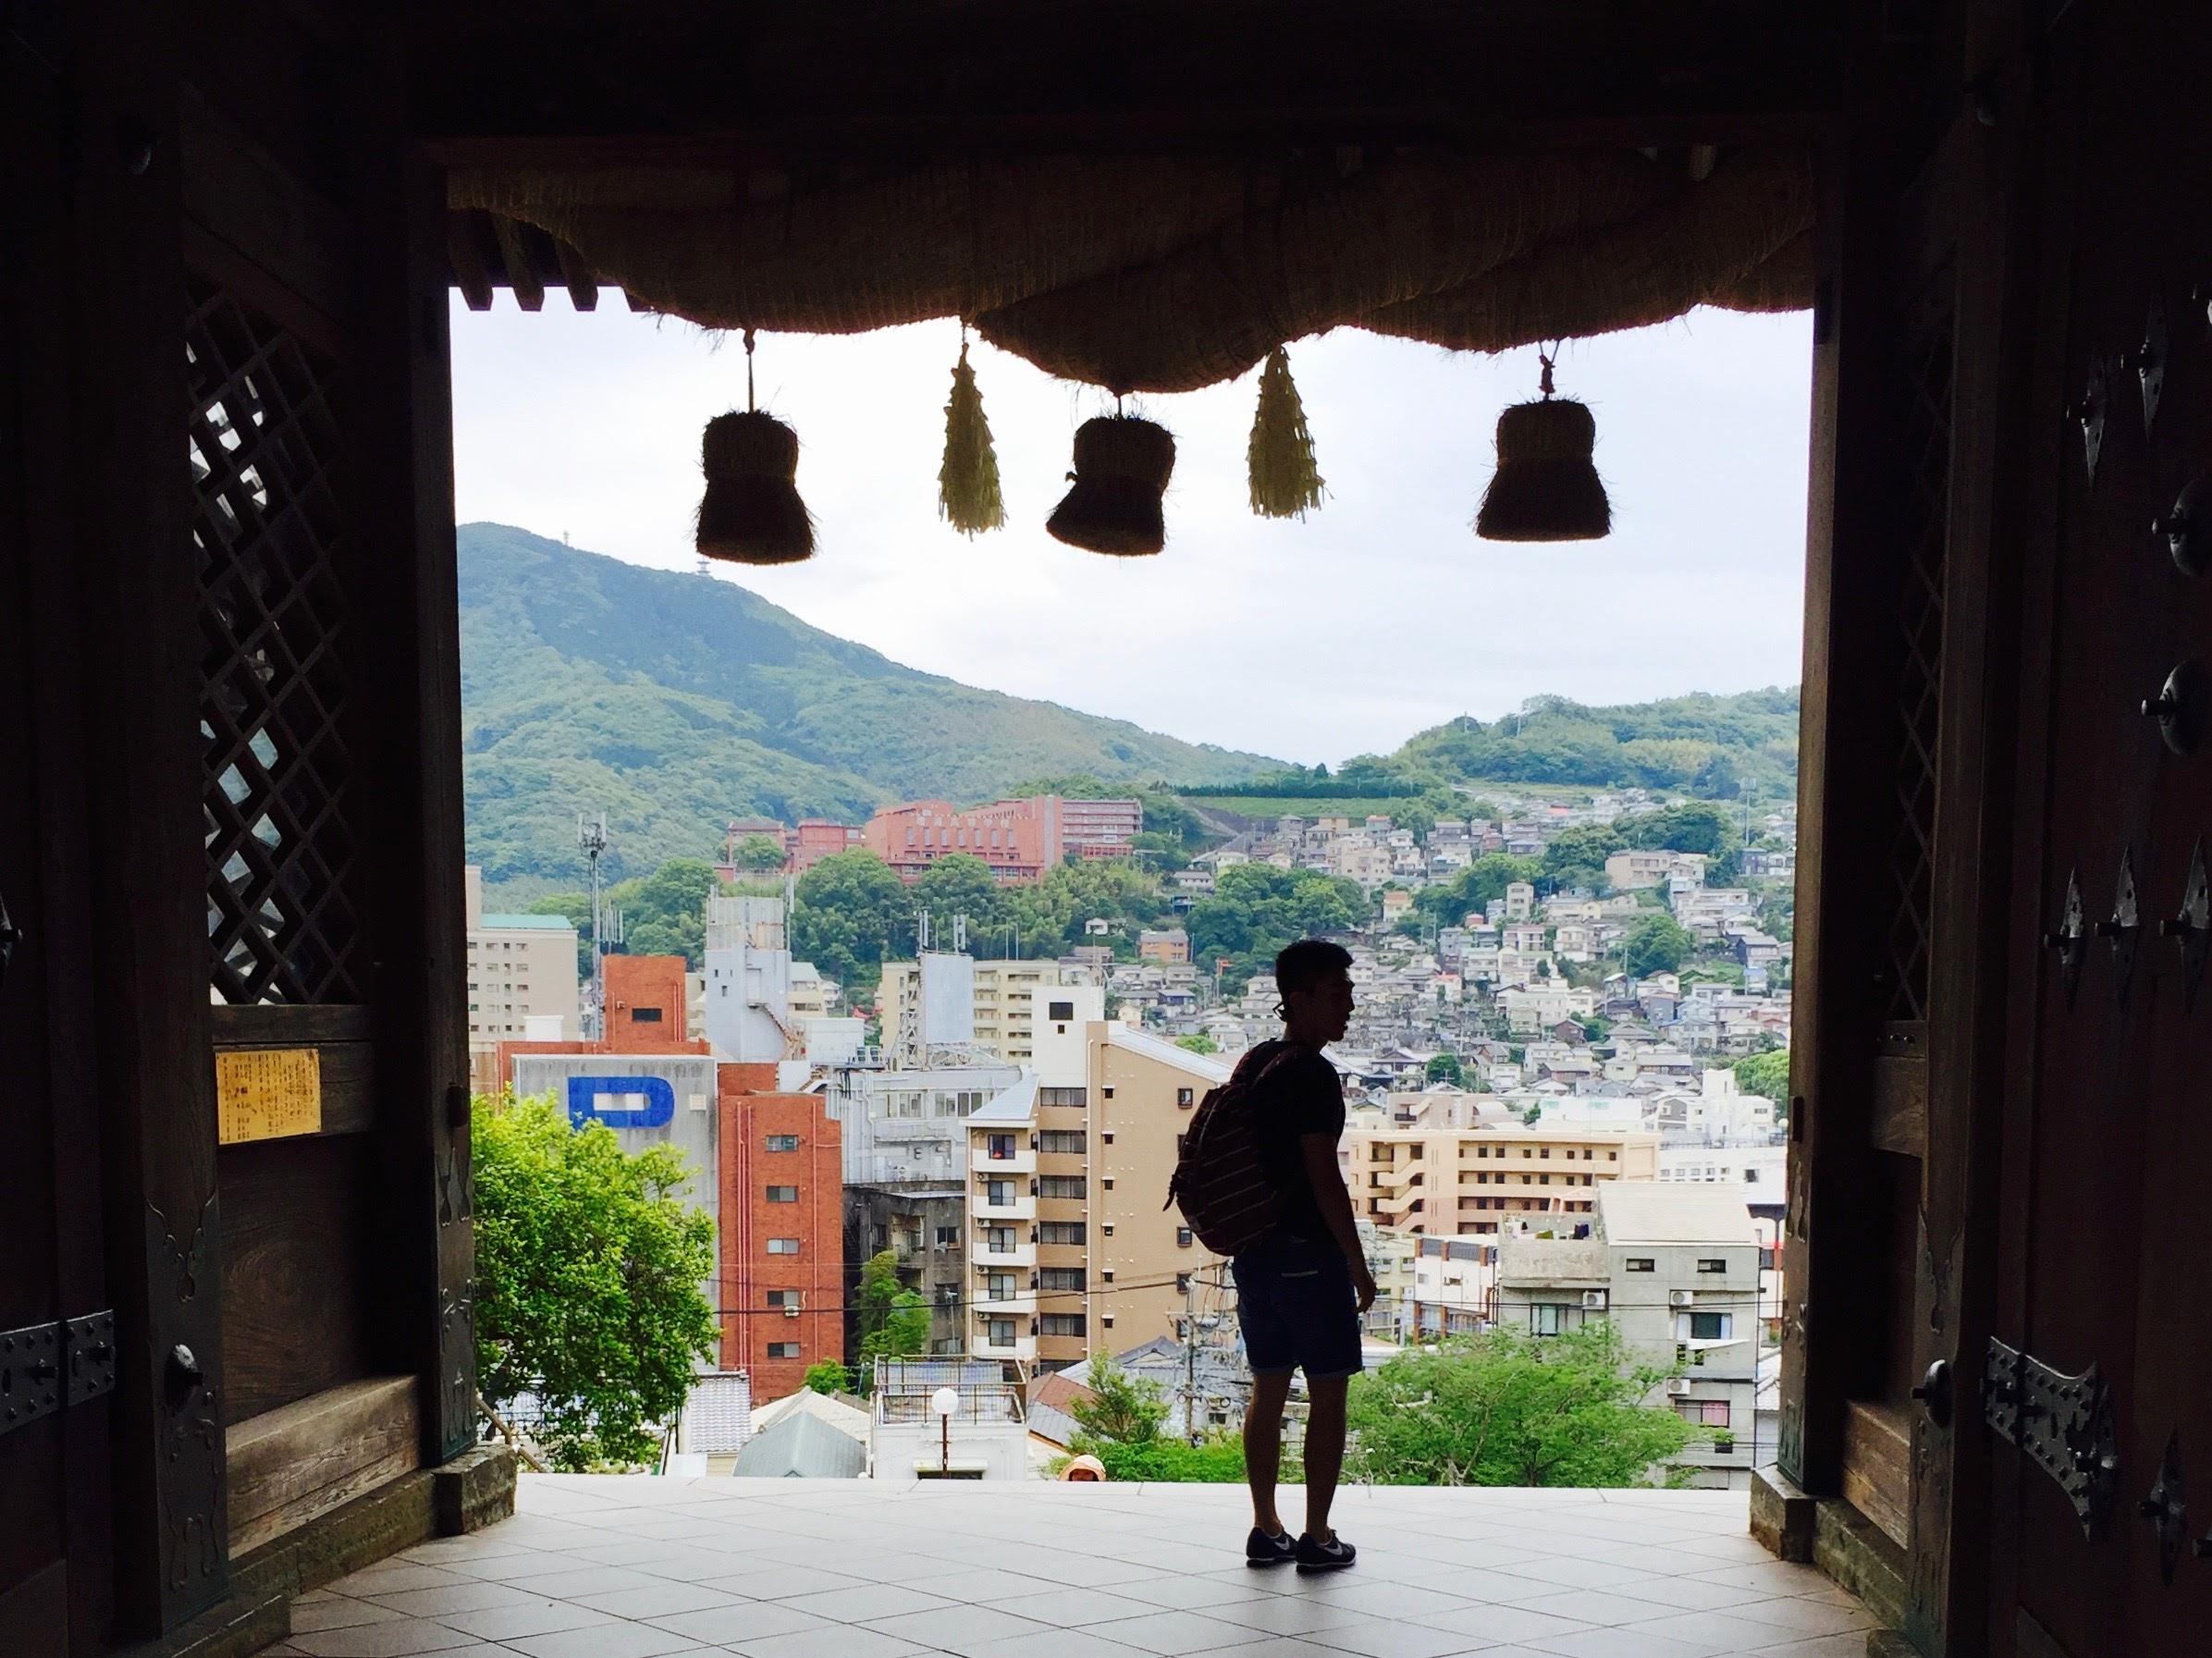 爬上諏訪神社回眸,會發現這樣美美的長崎。